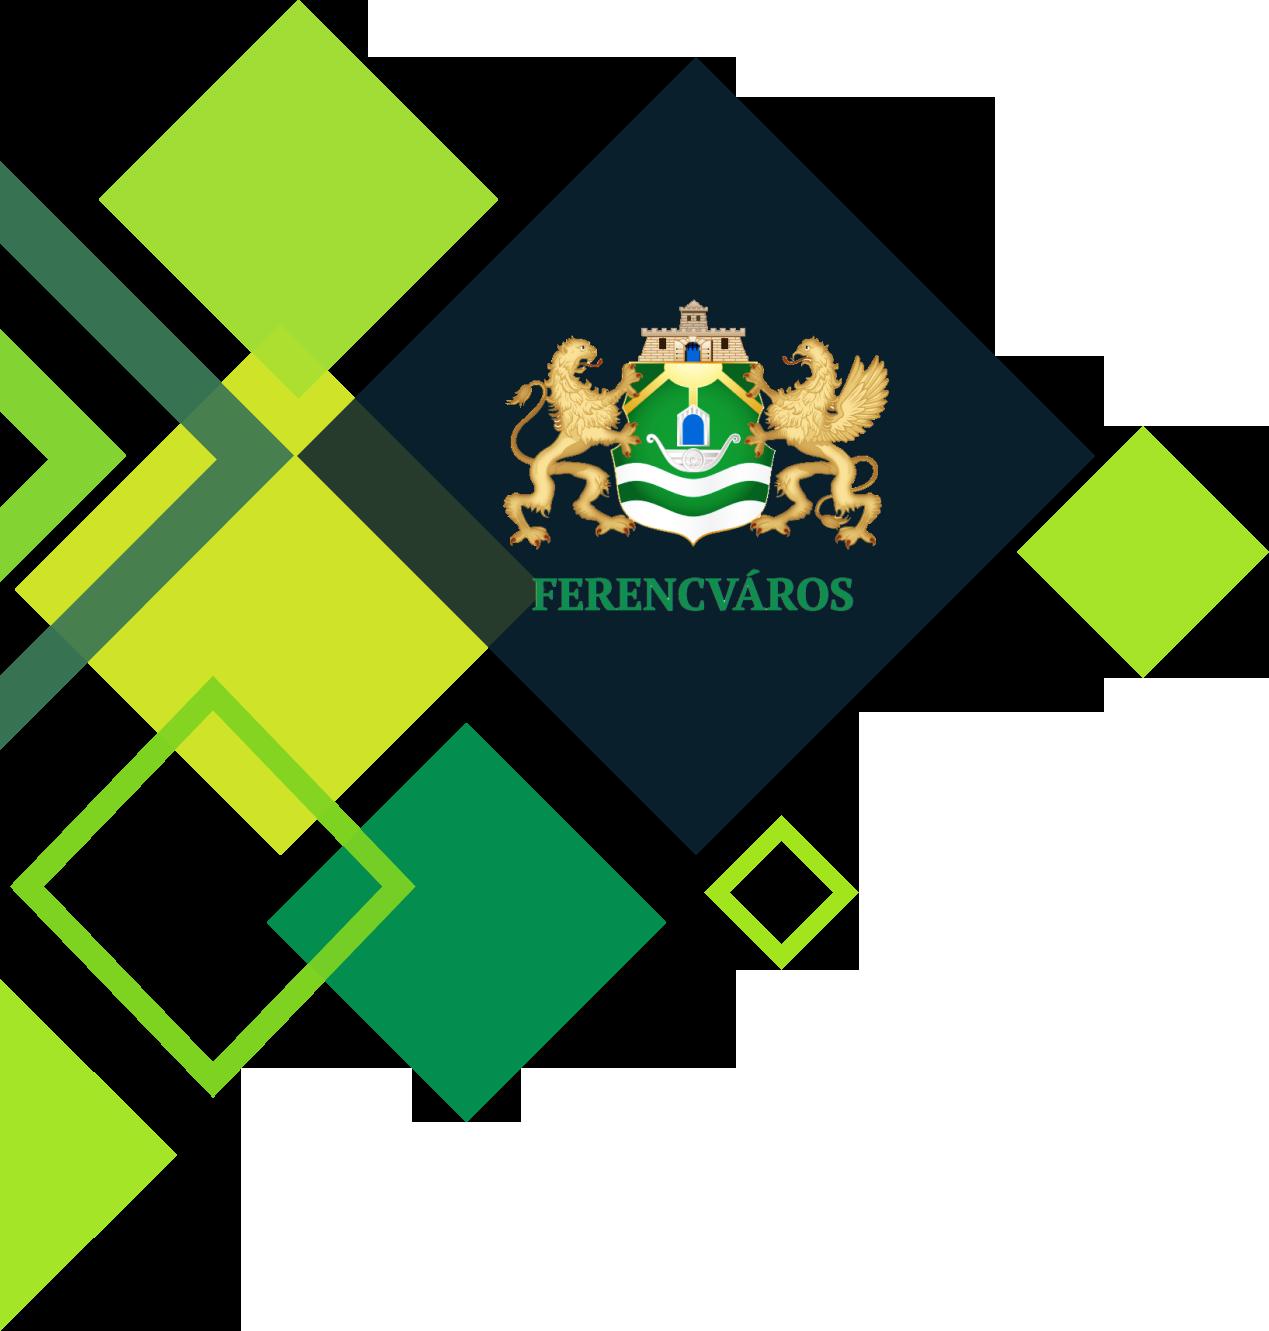 Ferencvárosi Önkormányzat hivatalos oldala